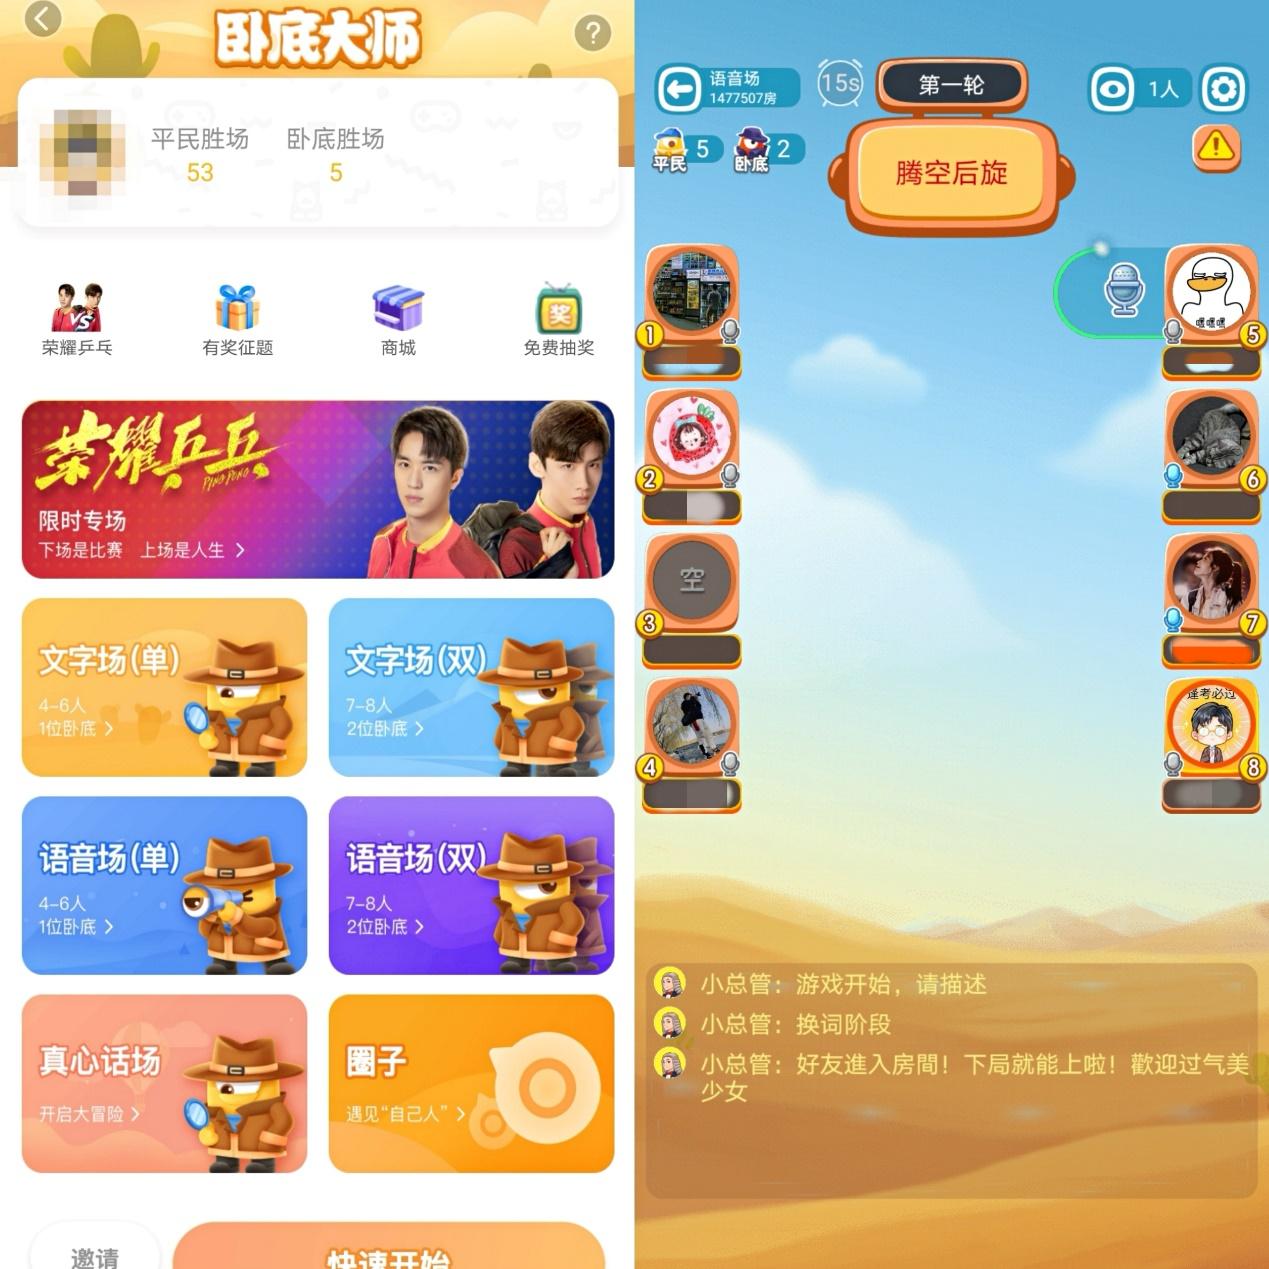 玩吧App:热血乒乓 荣耀开战